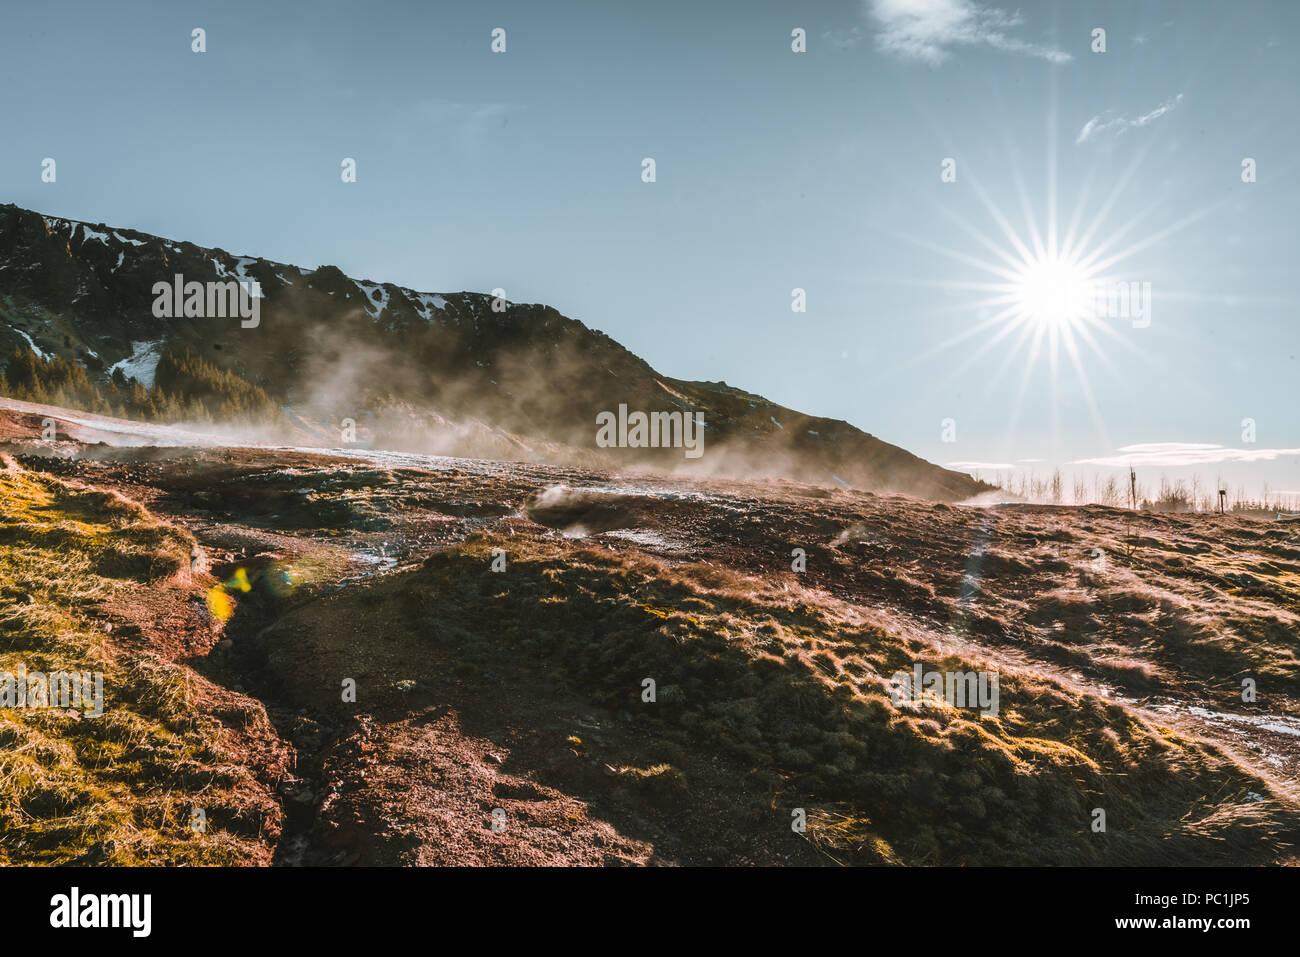 L'eau bouillante et de la boue dans la zone géothermique de la vallée de Reykjadalur dans le sud de l'Islande Photo Stock